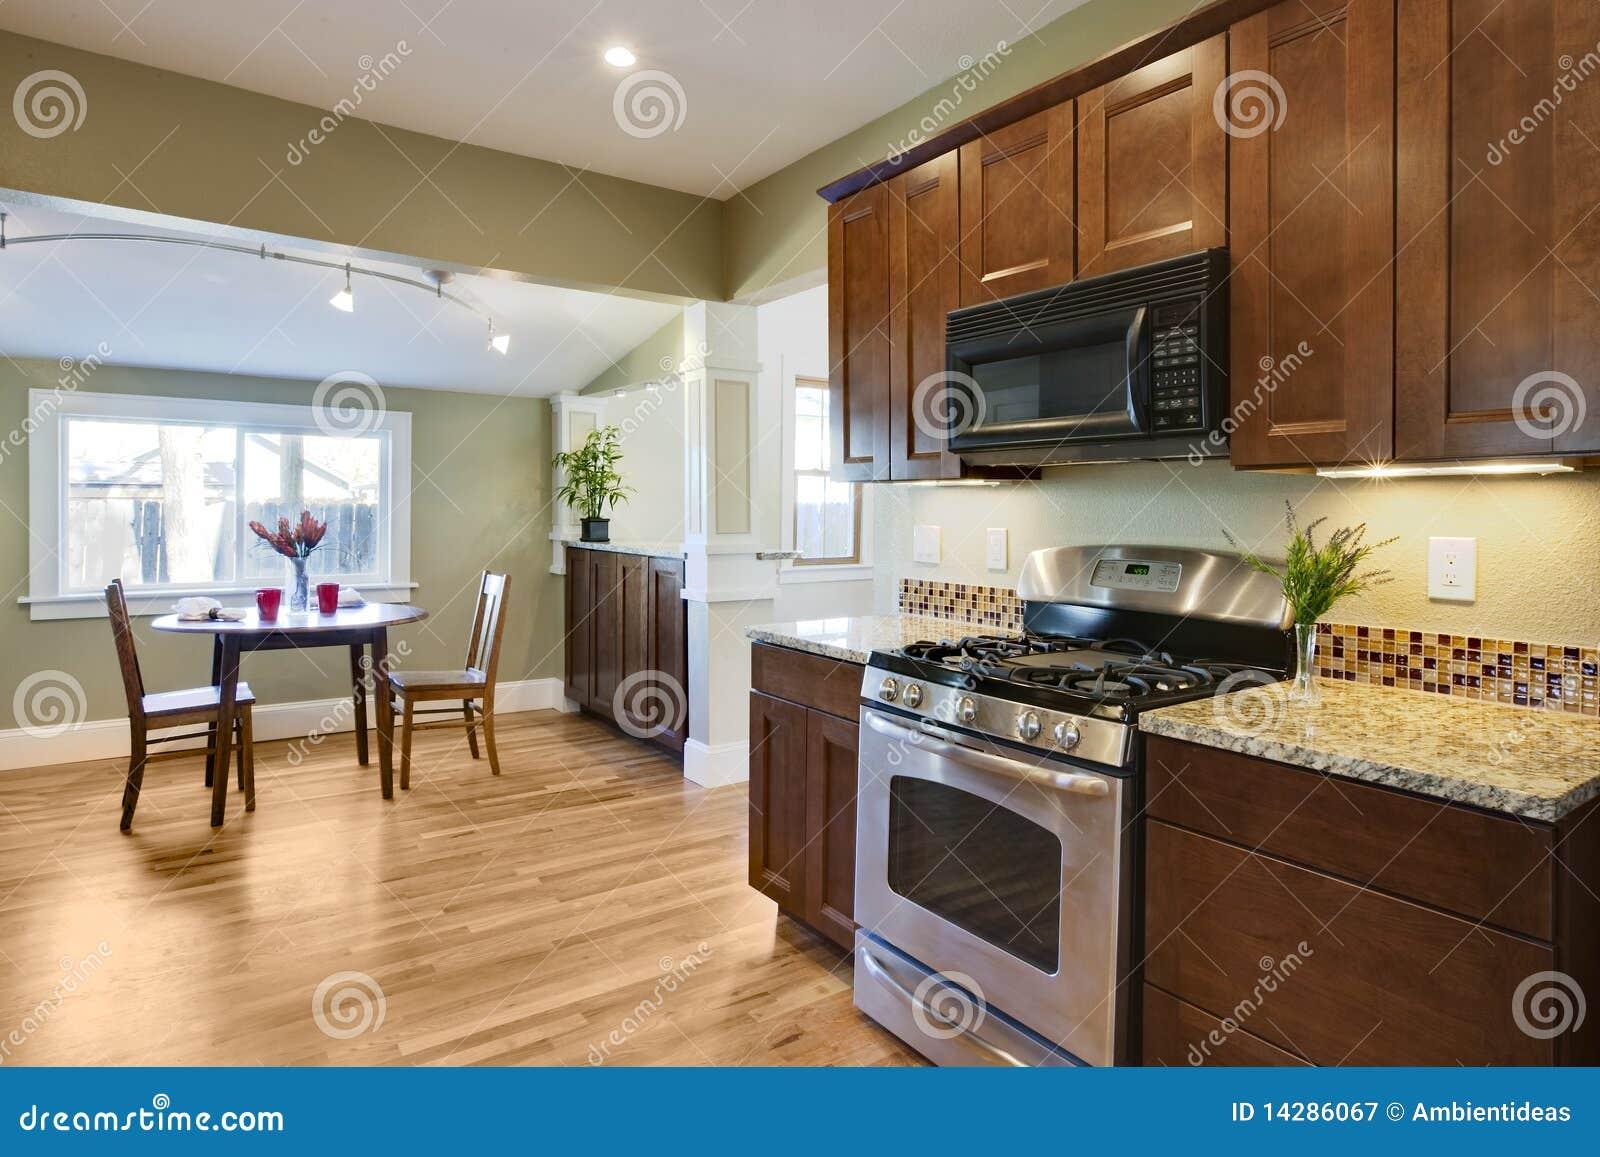 Transformez la cuisine avec le plancher en bois for Plancher bois cuisine